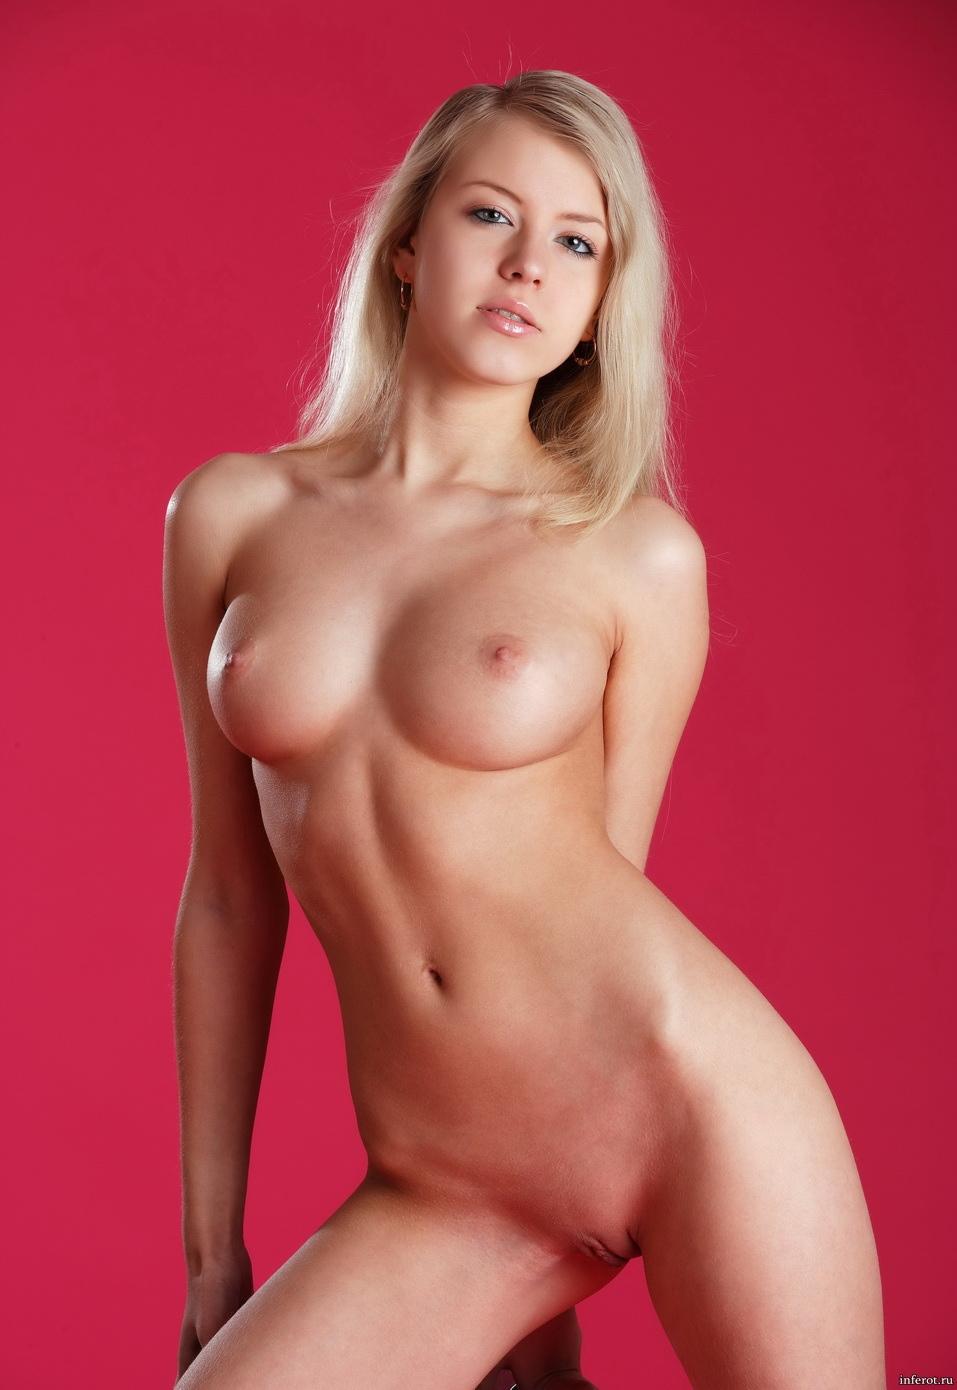 Самая красивая голая девушка на фото фото 248-966